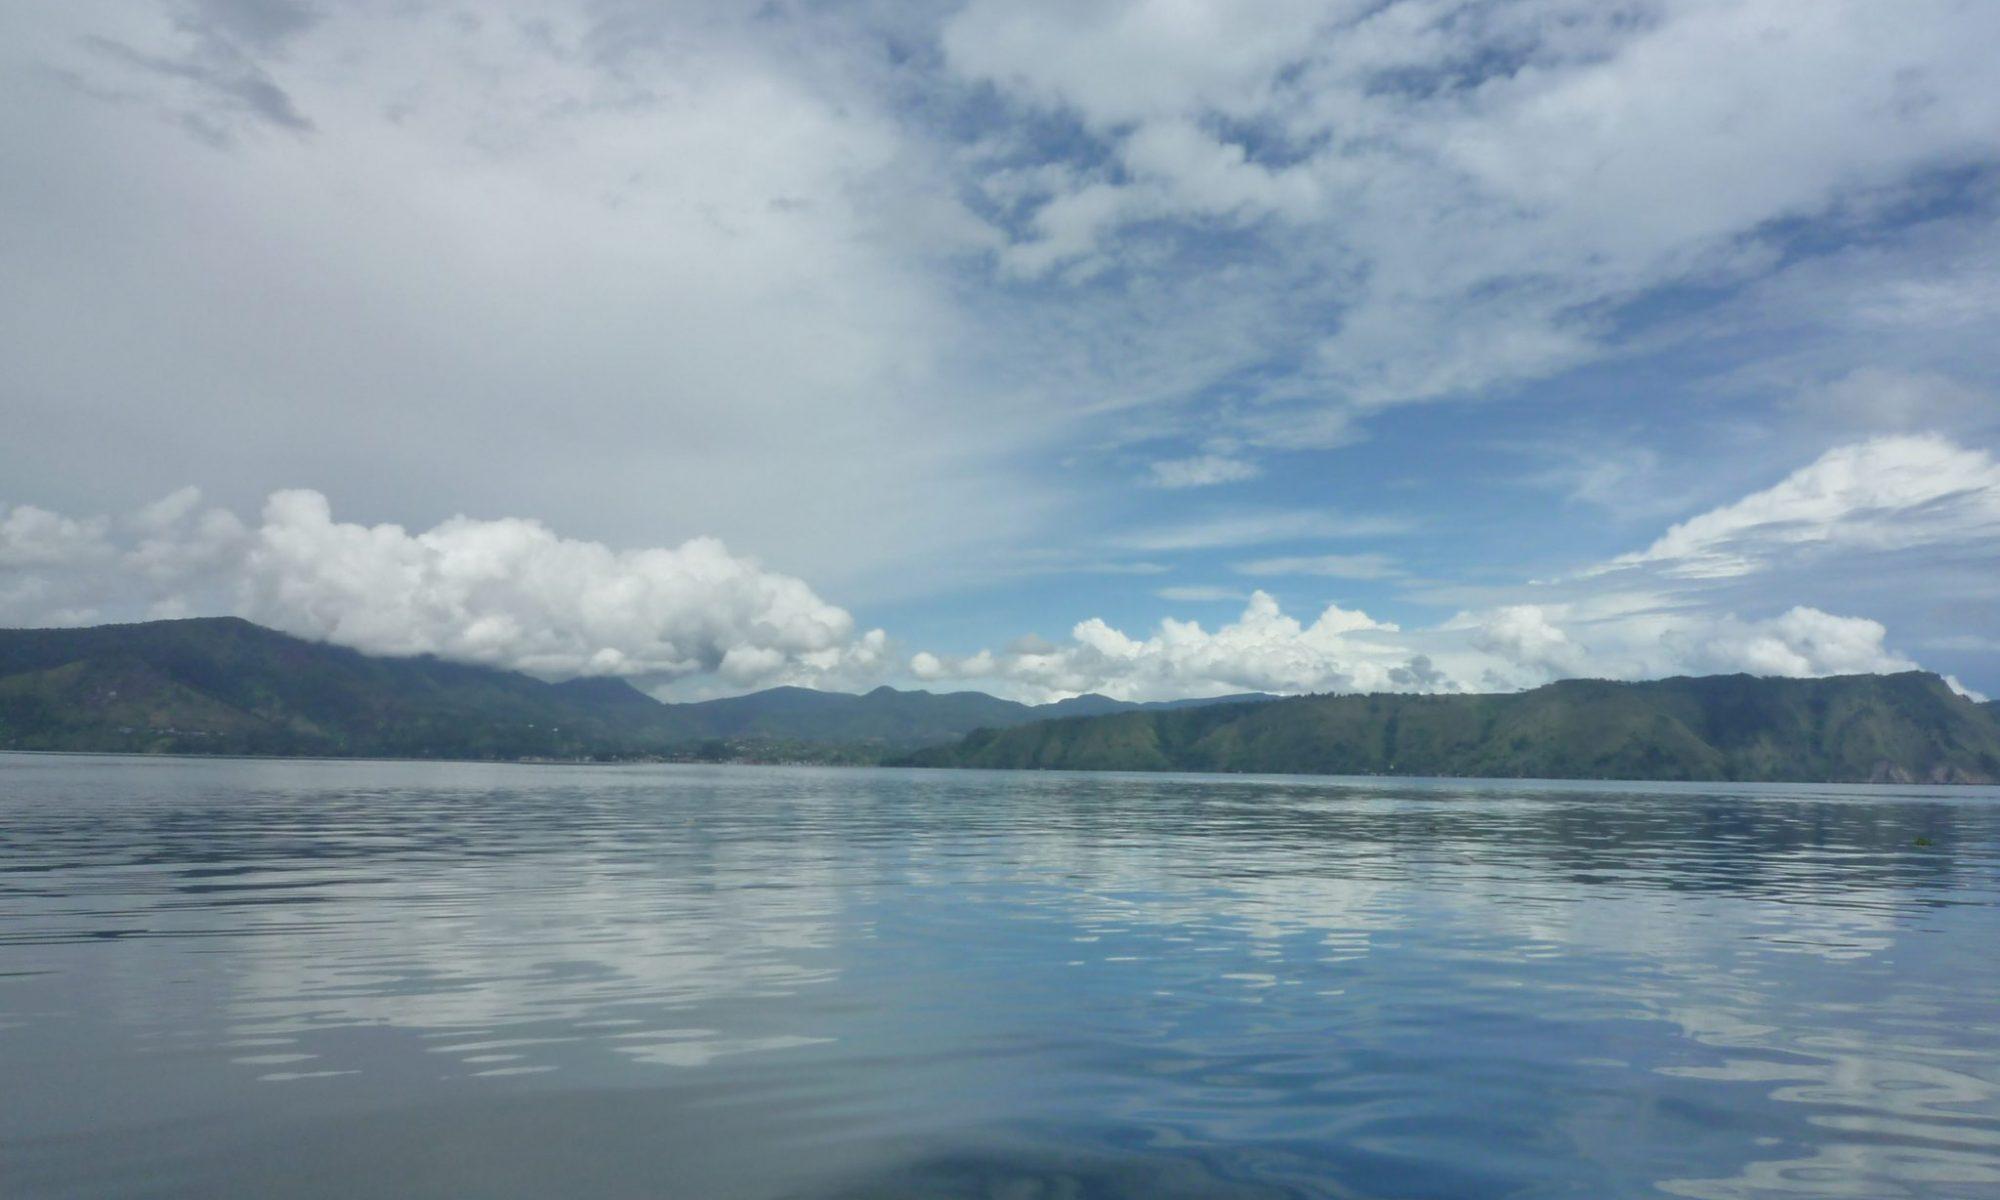 インドネシア スマトラ島のトバ湖